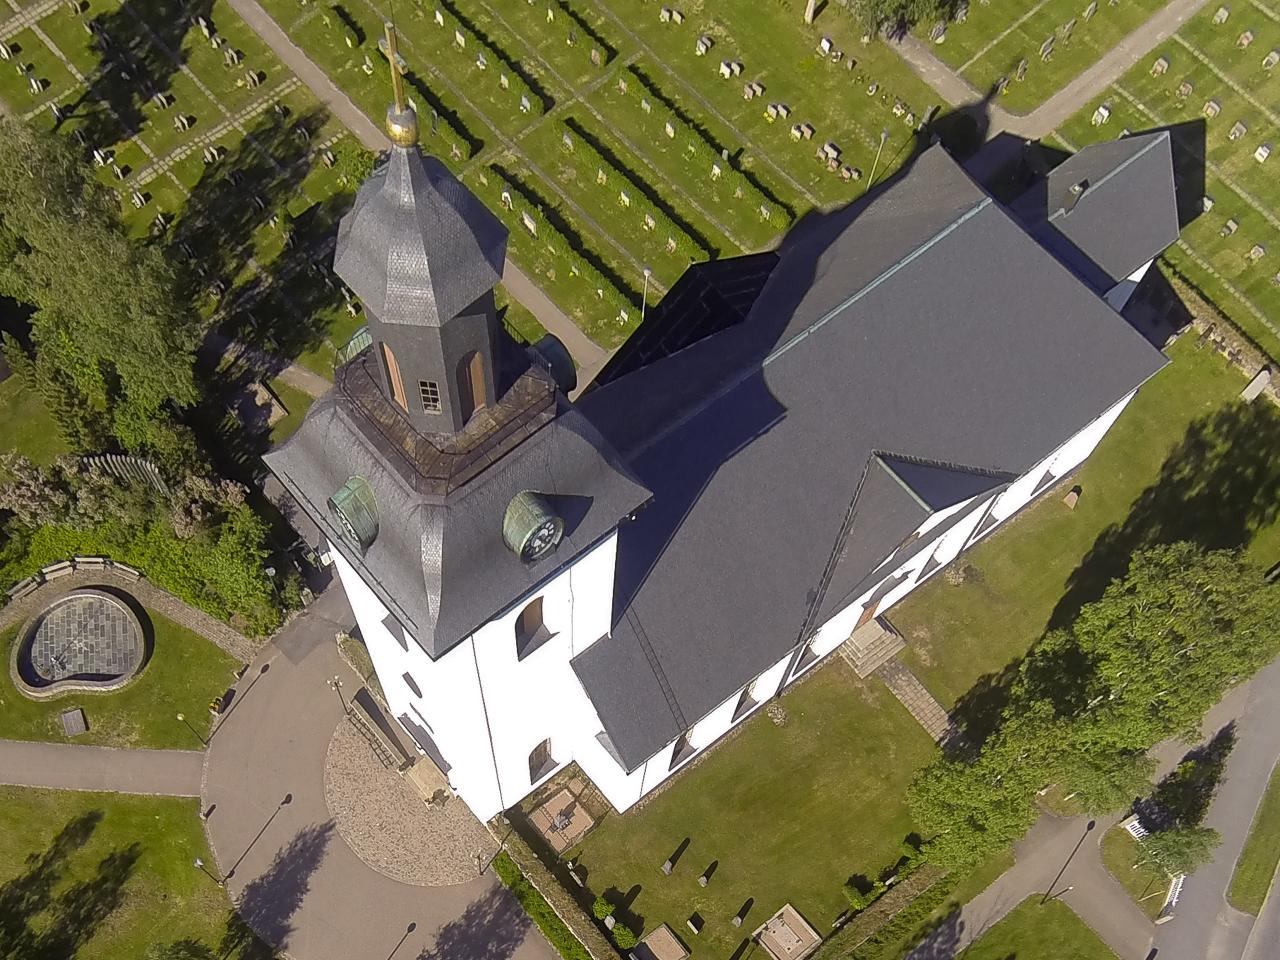 Renovering av tak och fasad när Svegs kyrka får tre miljoner